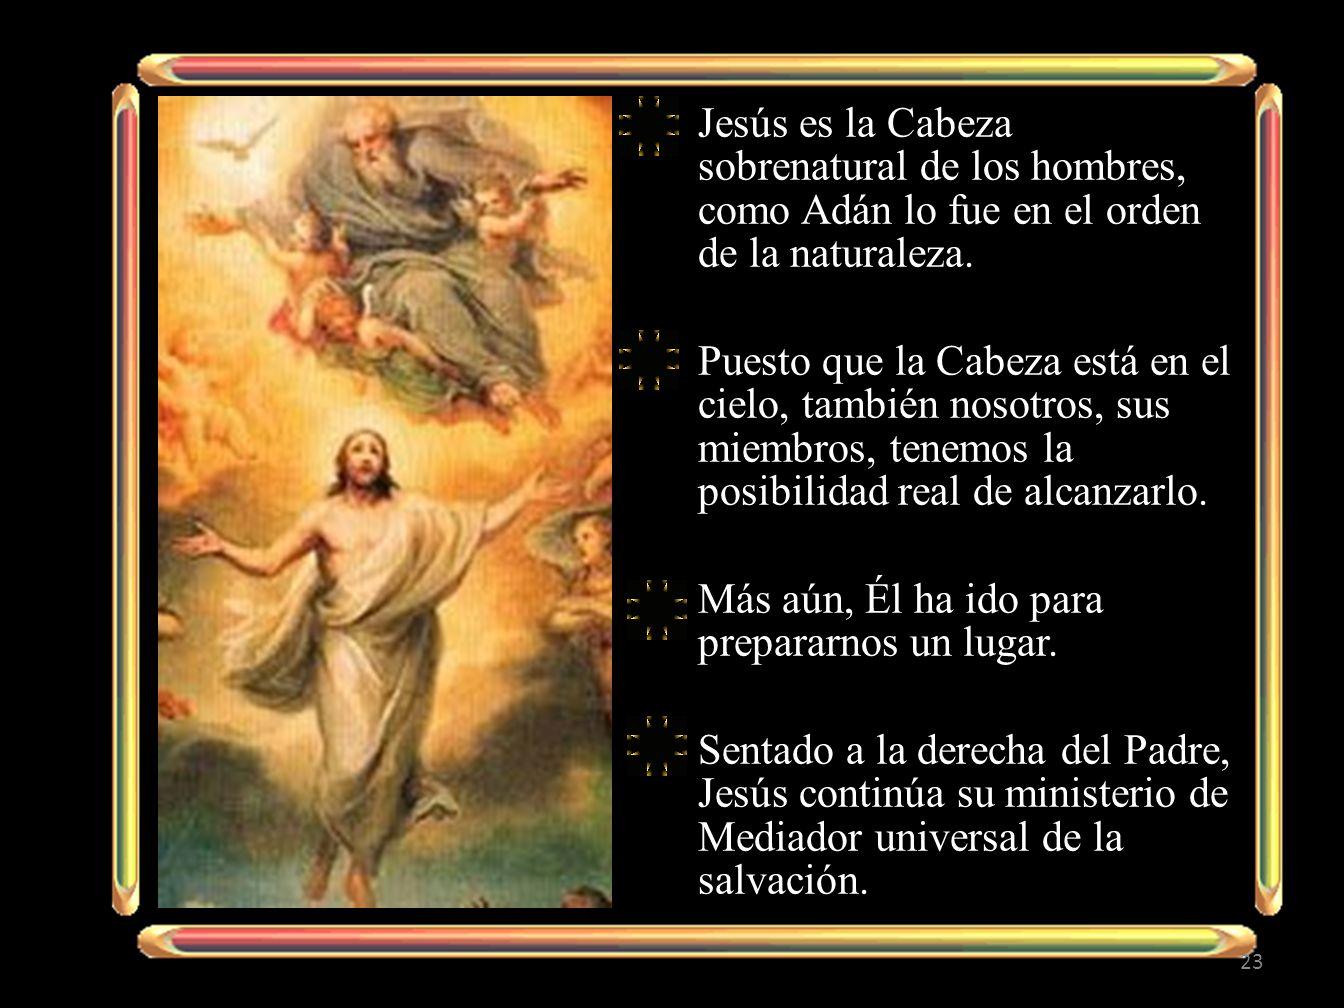 Jesús es la Cabeza sobrenatural de los hombres, como Adán lo fue en el orden de la naturaleza.